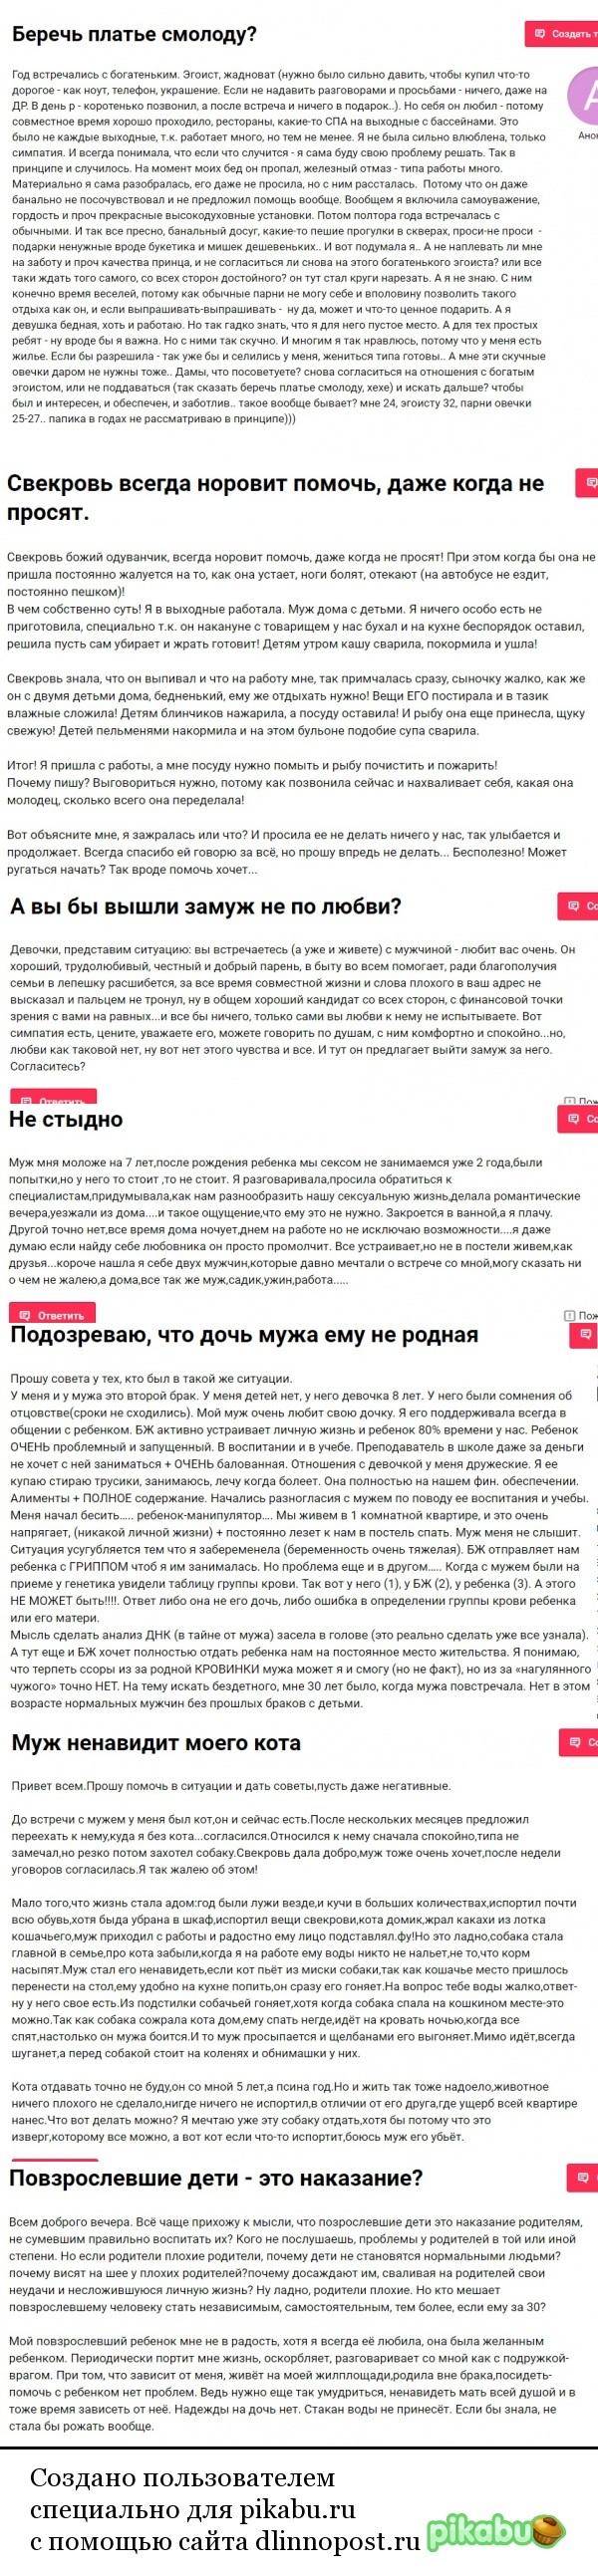 Женский форум #1 Женский форум, длиннопост, свекровь, мои подозрения, кот, Дети